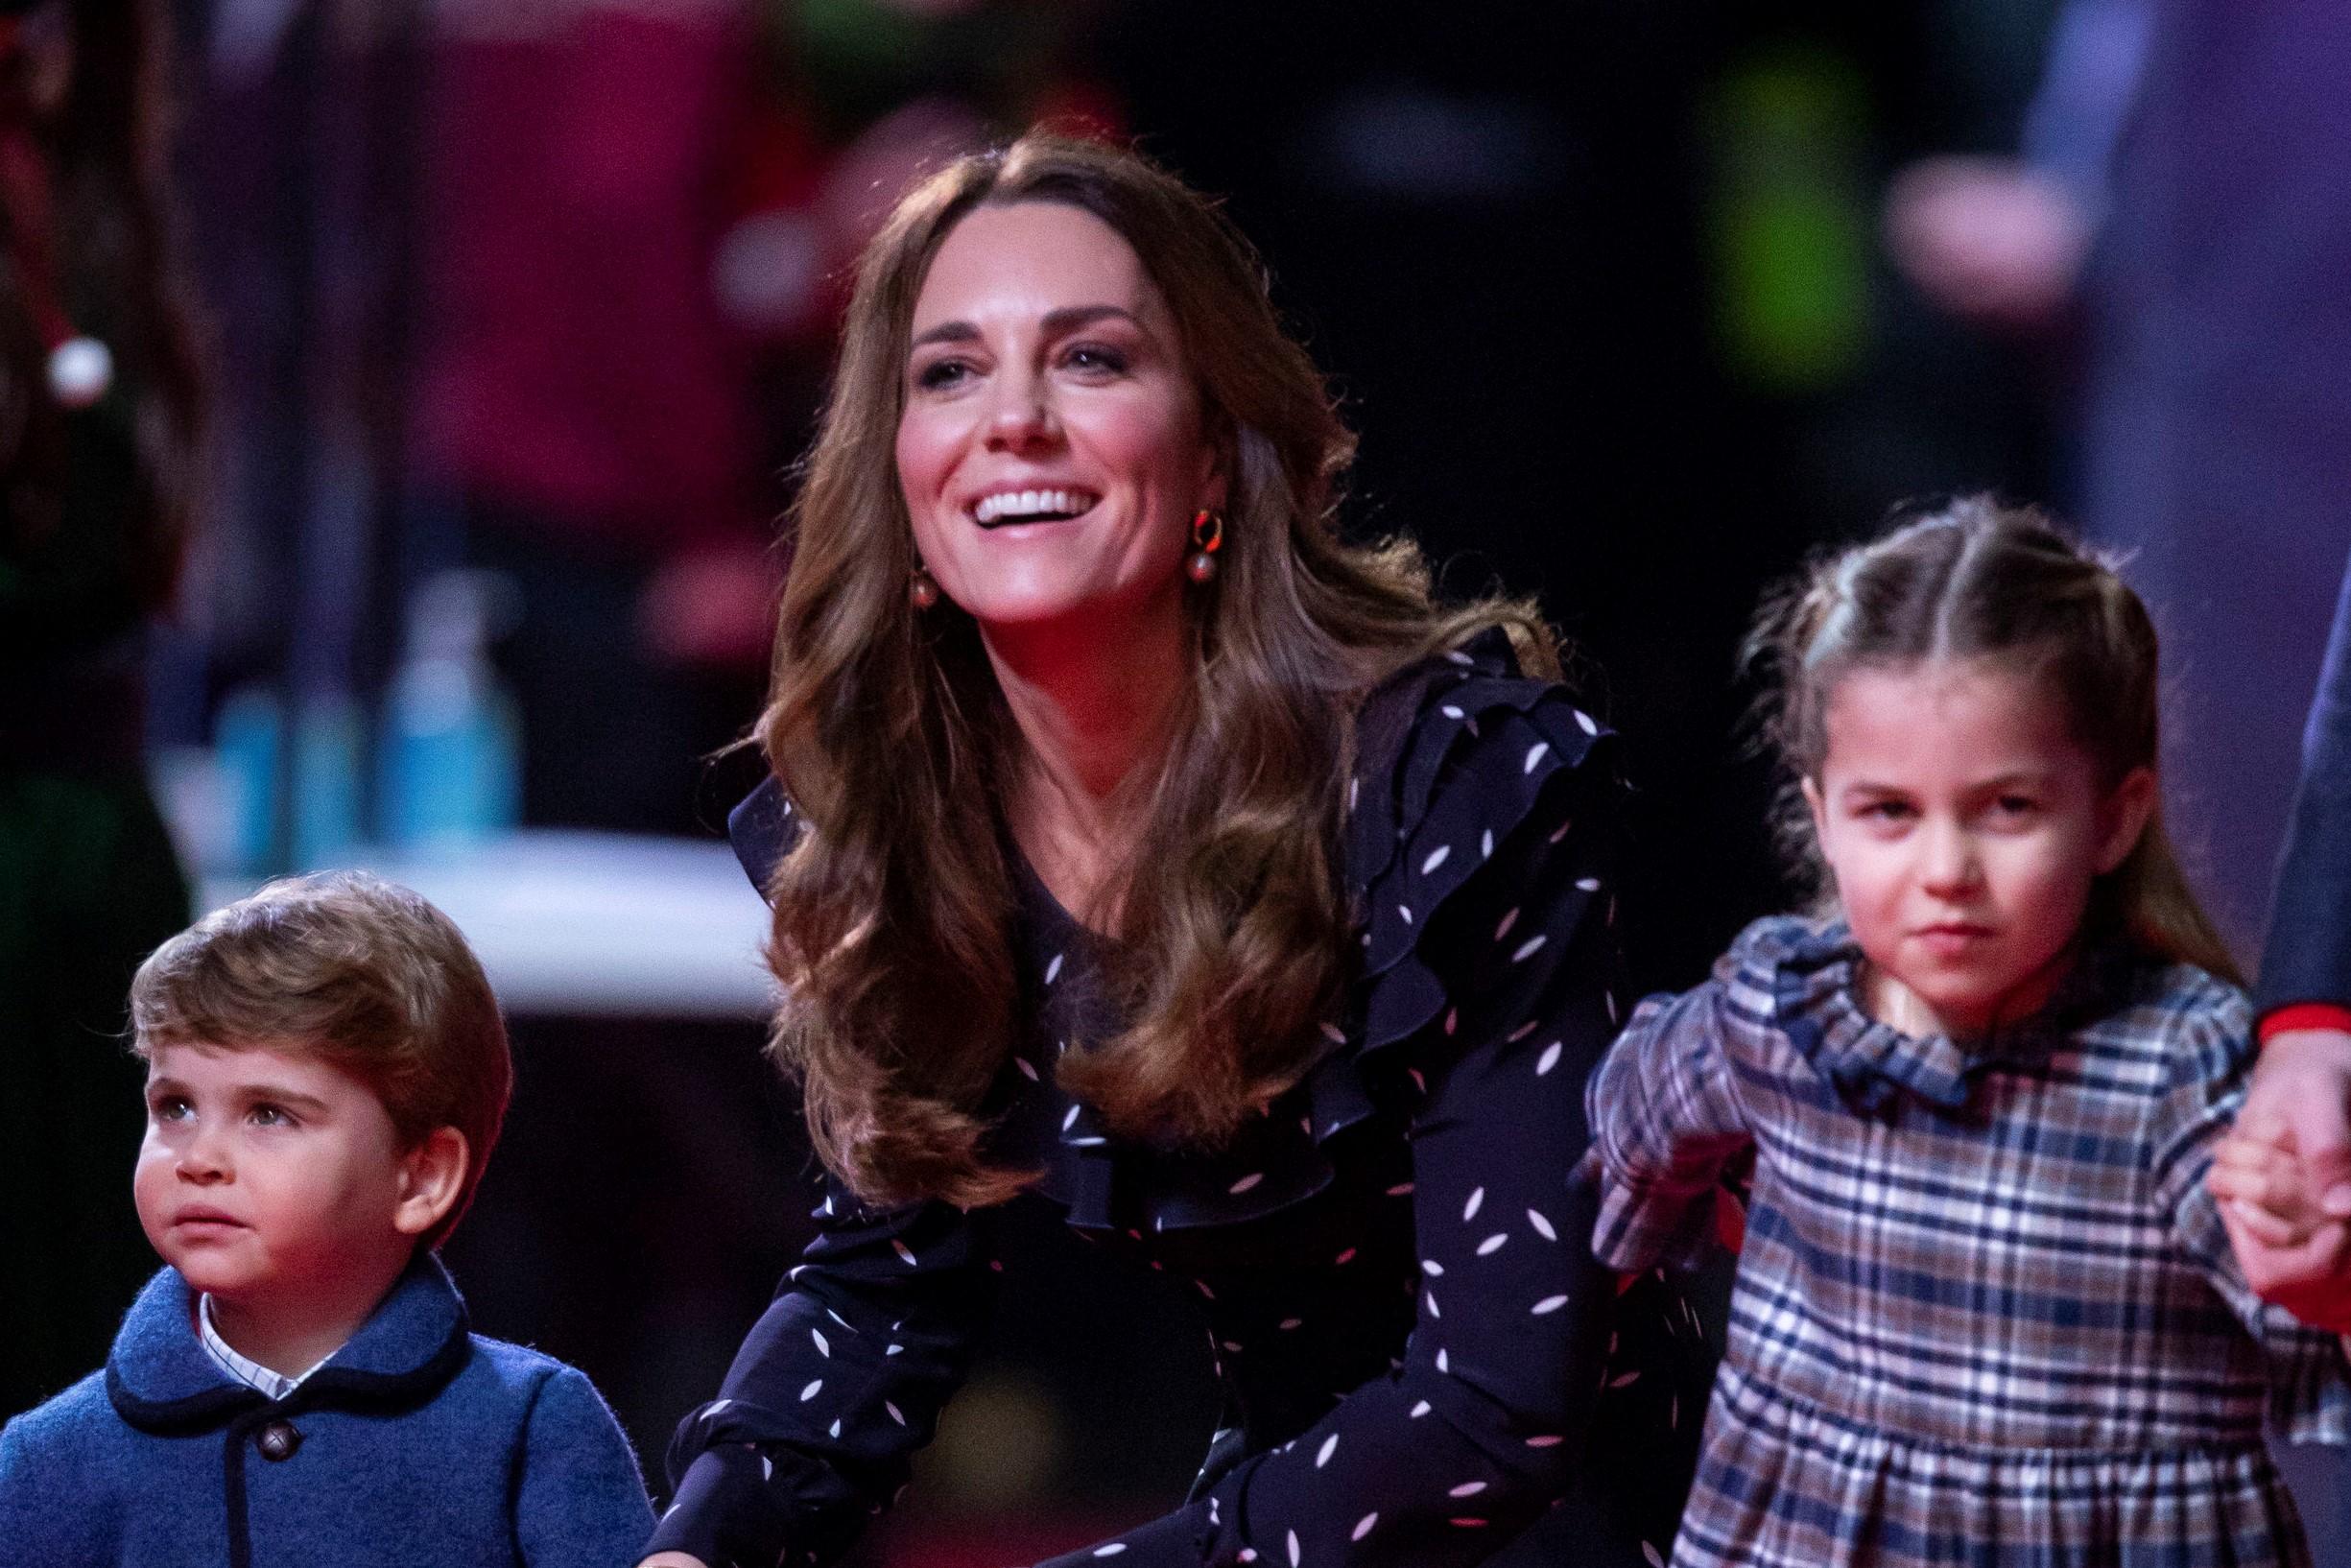 レッドカーペットに登場したキャサリン妃とシャーロット王女、ルイ王子【写真:Getty Images】